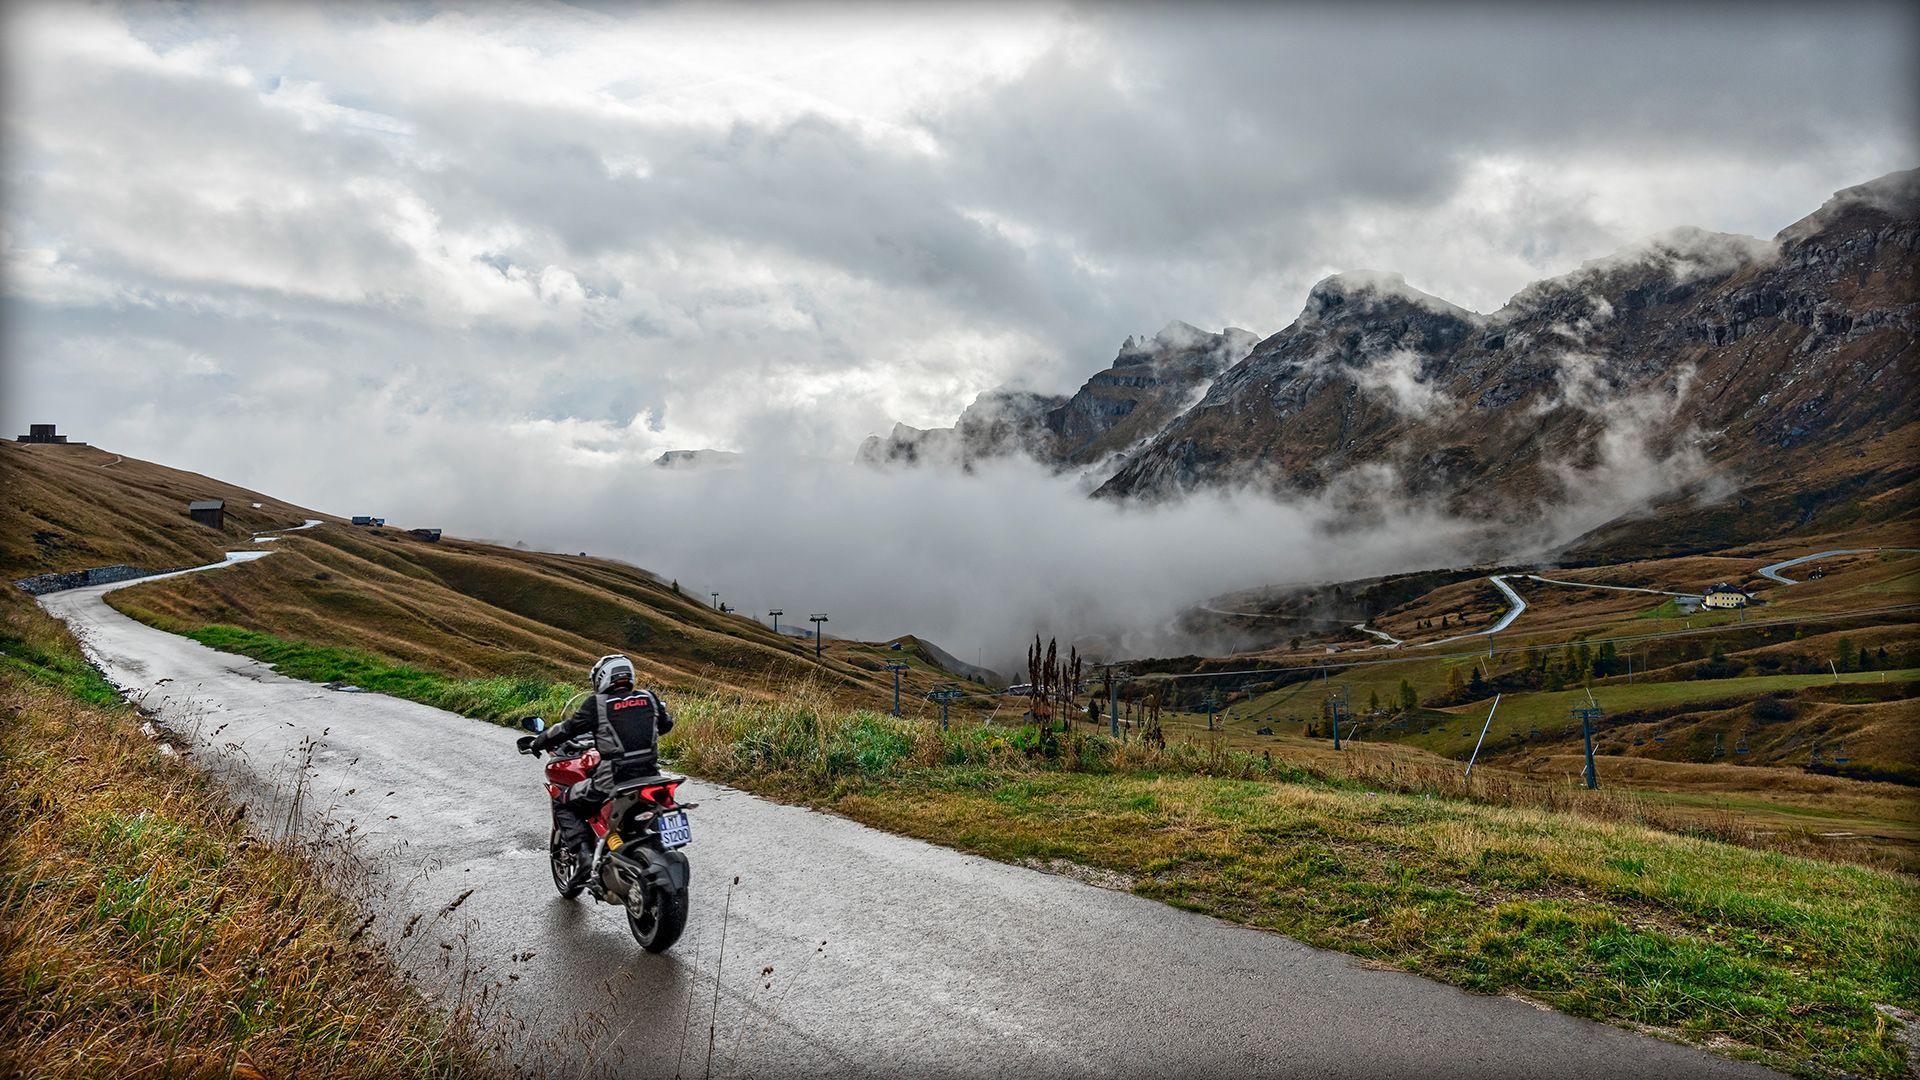 2015 Ducati Multistrada 1200 S | Multistrada 1200 S - Rainy Rides